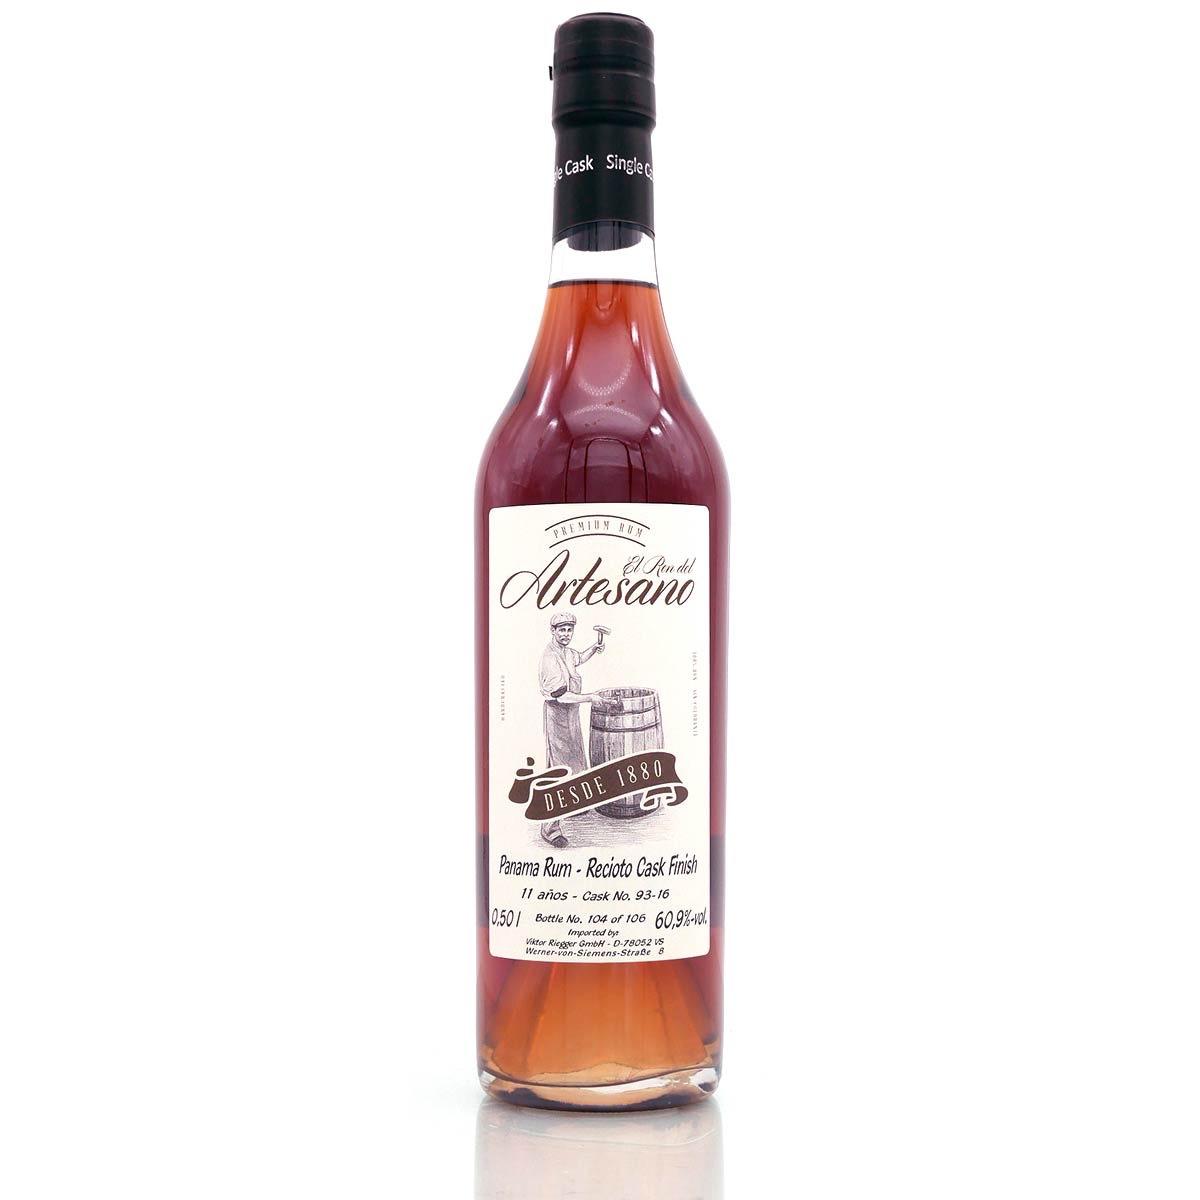 Bottle image of Panama Rum Recioto Cask Finish